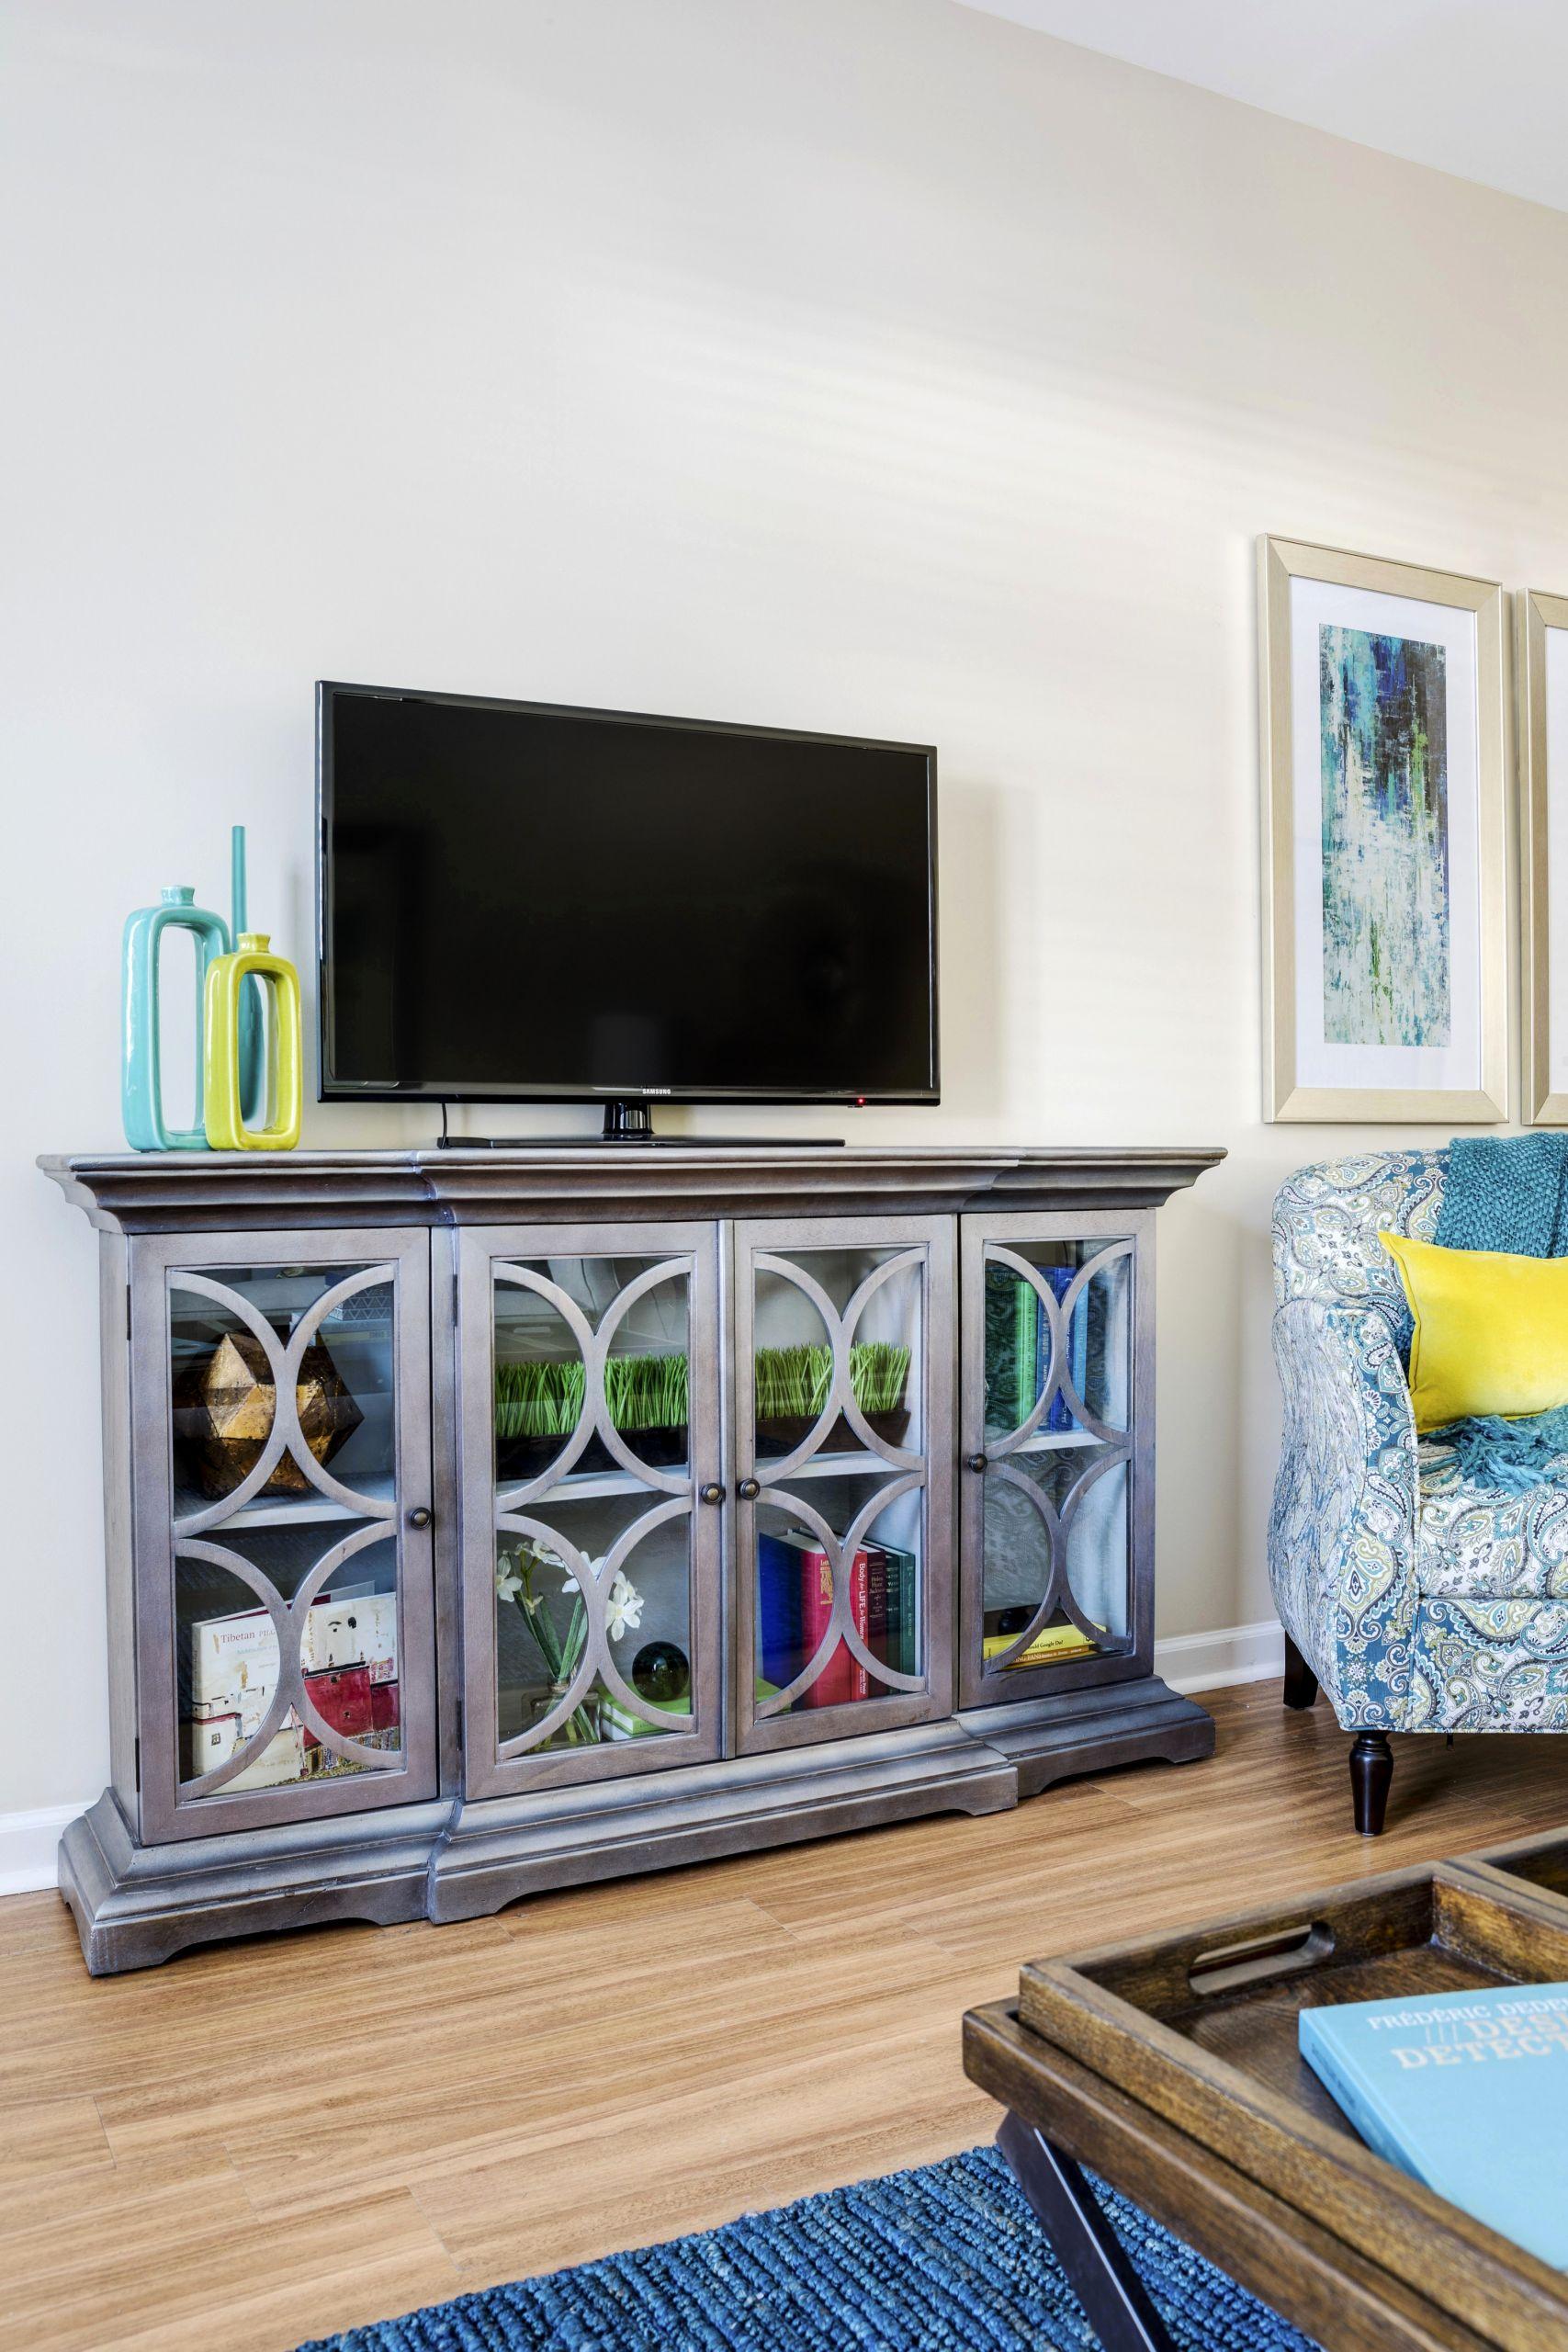 luxus wohnzimmer modern frisch wohnideen wohnzimmer bilder modern und luxus kamin modern 0d elegant of luxus wohnzimmer modern